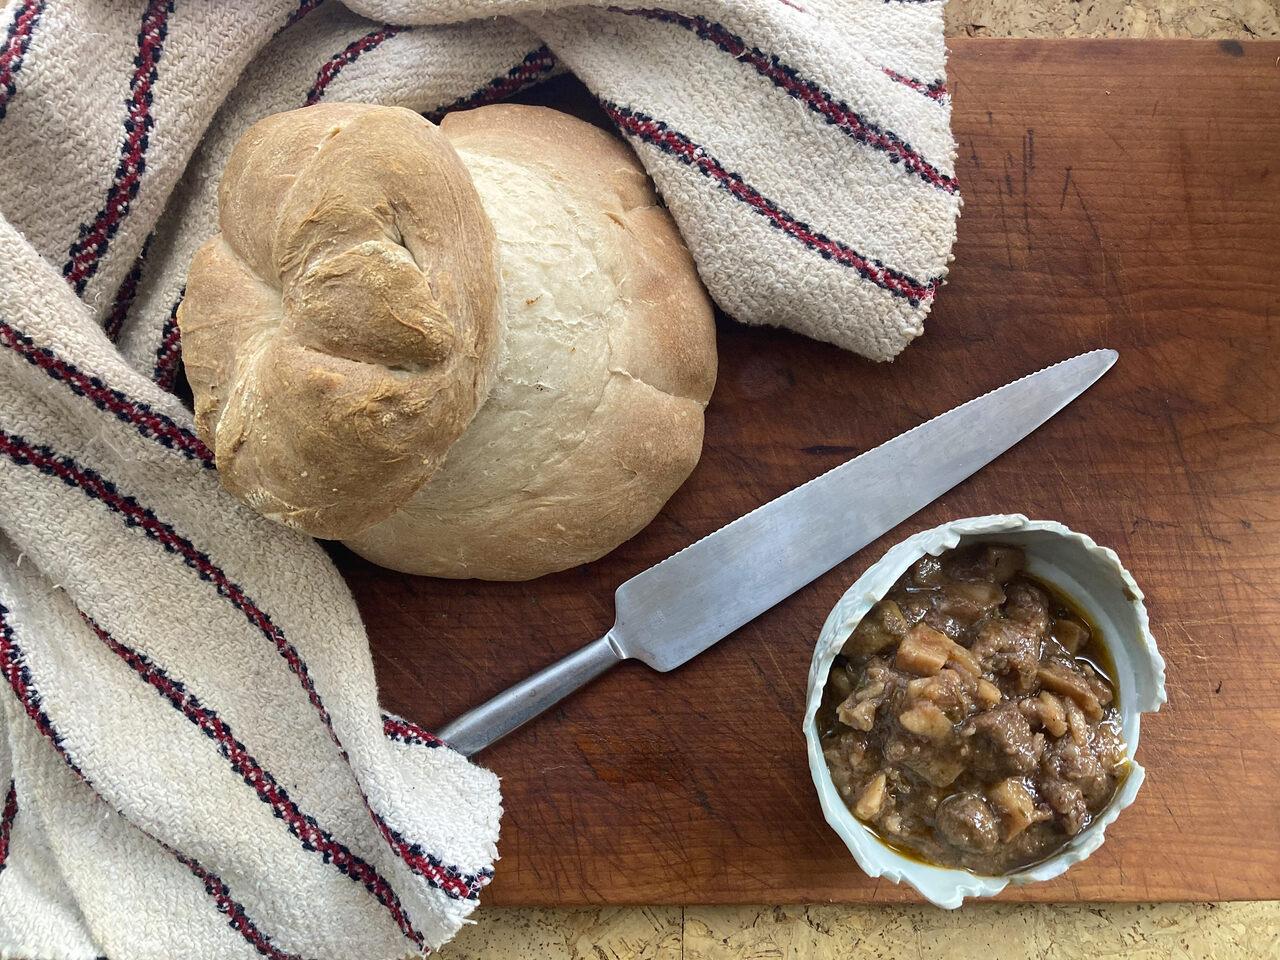 The finished cottage loaf, left, with a simple version of <em>boeuf en daube</em>.